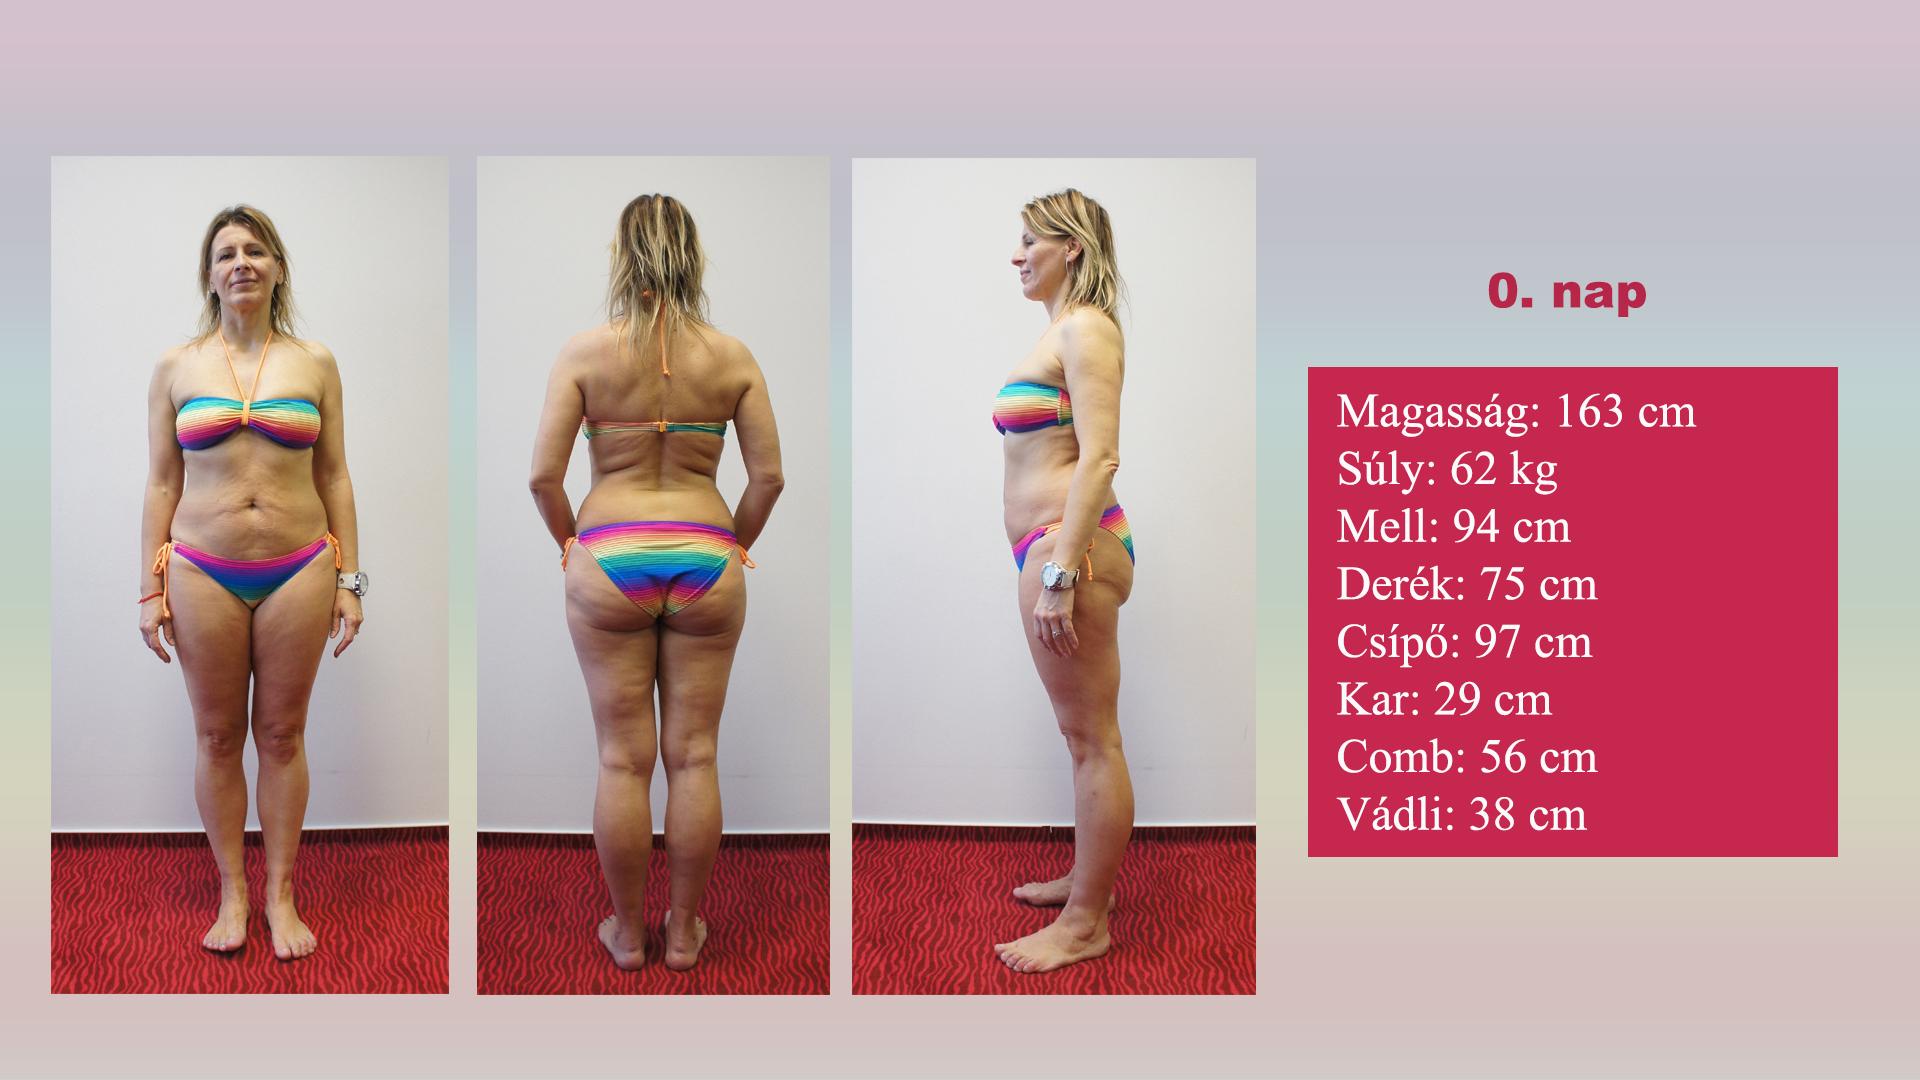 5 hetes fogyókúraprogram: GI-diéta mintaétrenddel, 4. hét   Diéta, Étrend, Gin